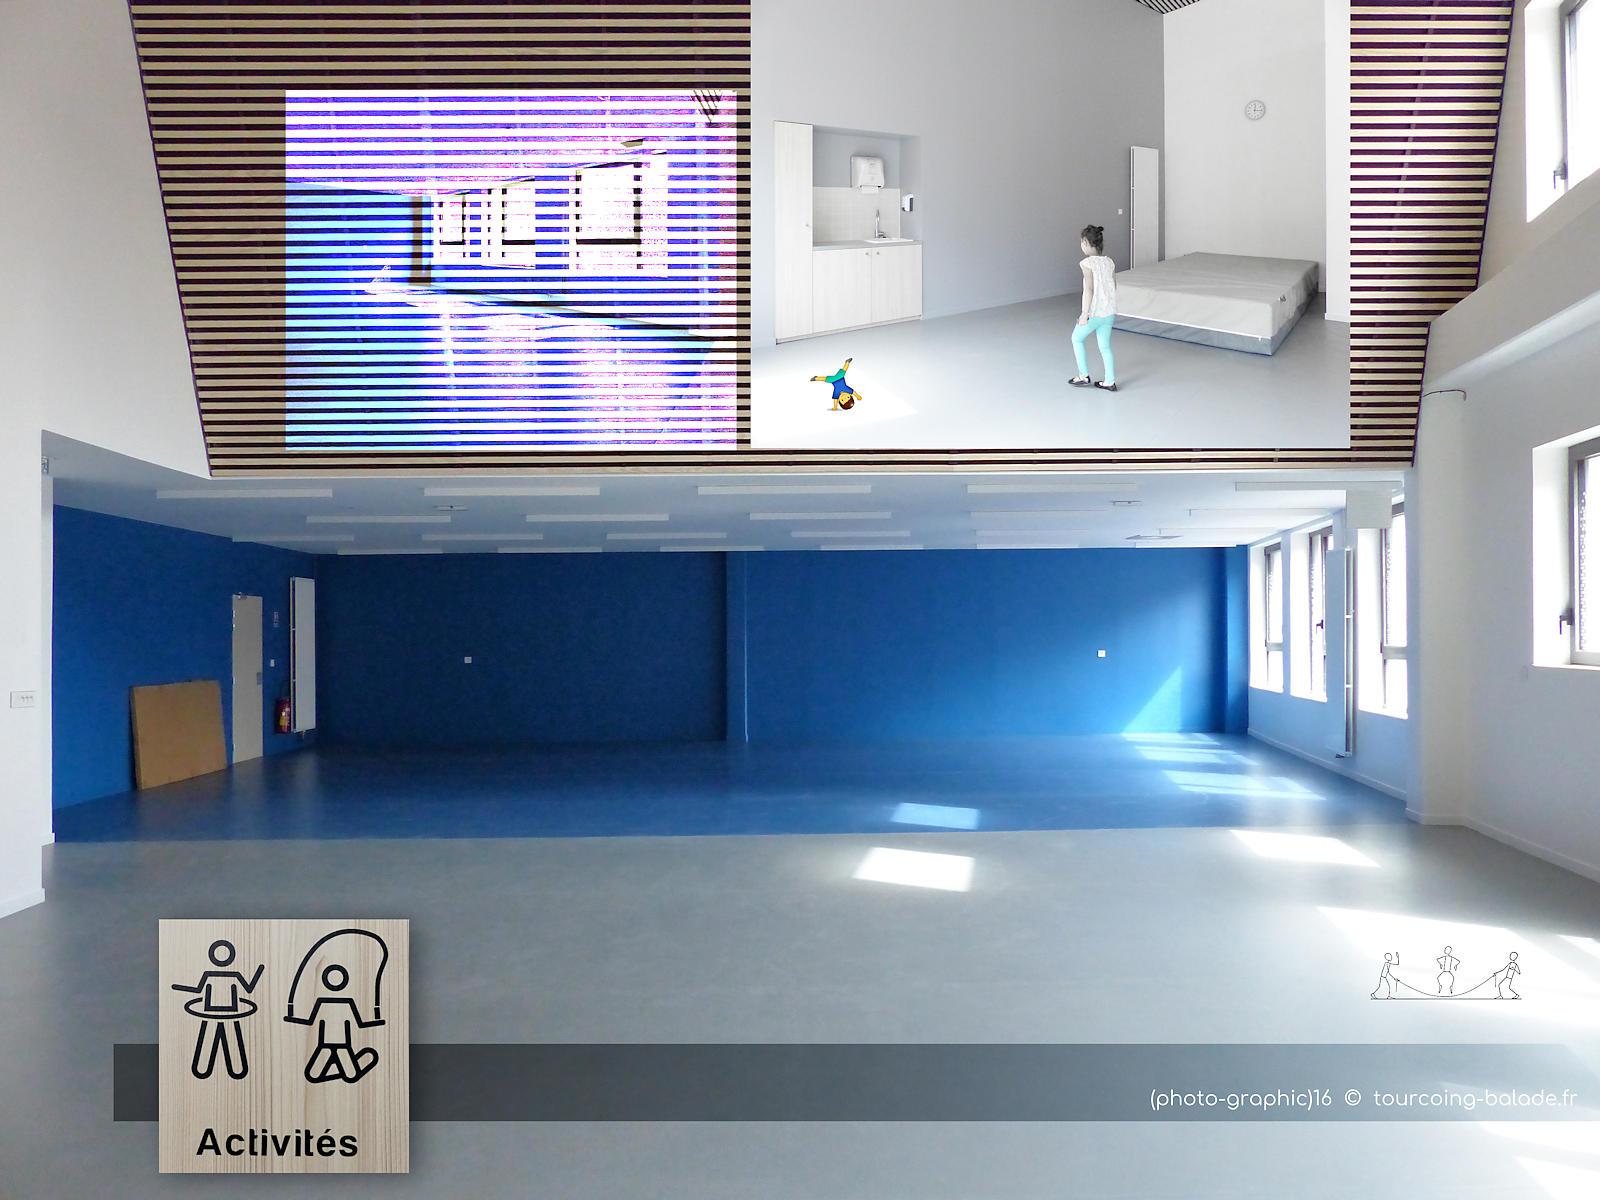 École de Gaulle Tourcoing - Salle d'activités physiques